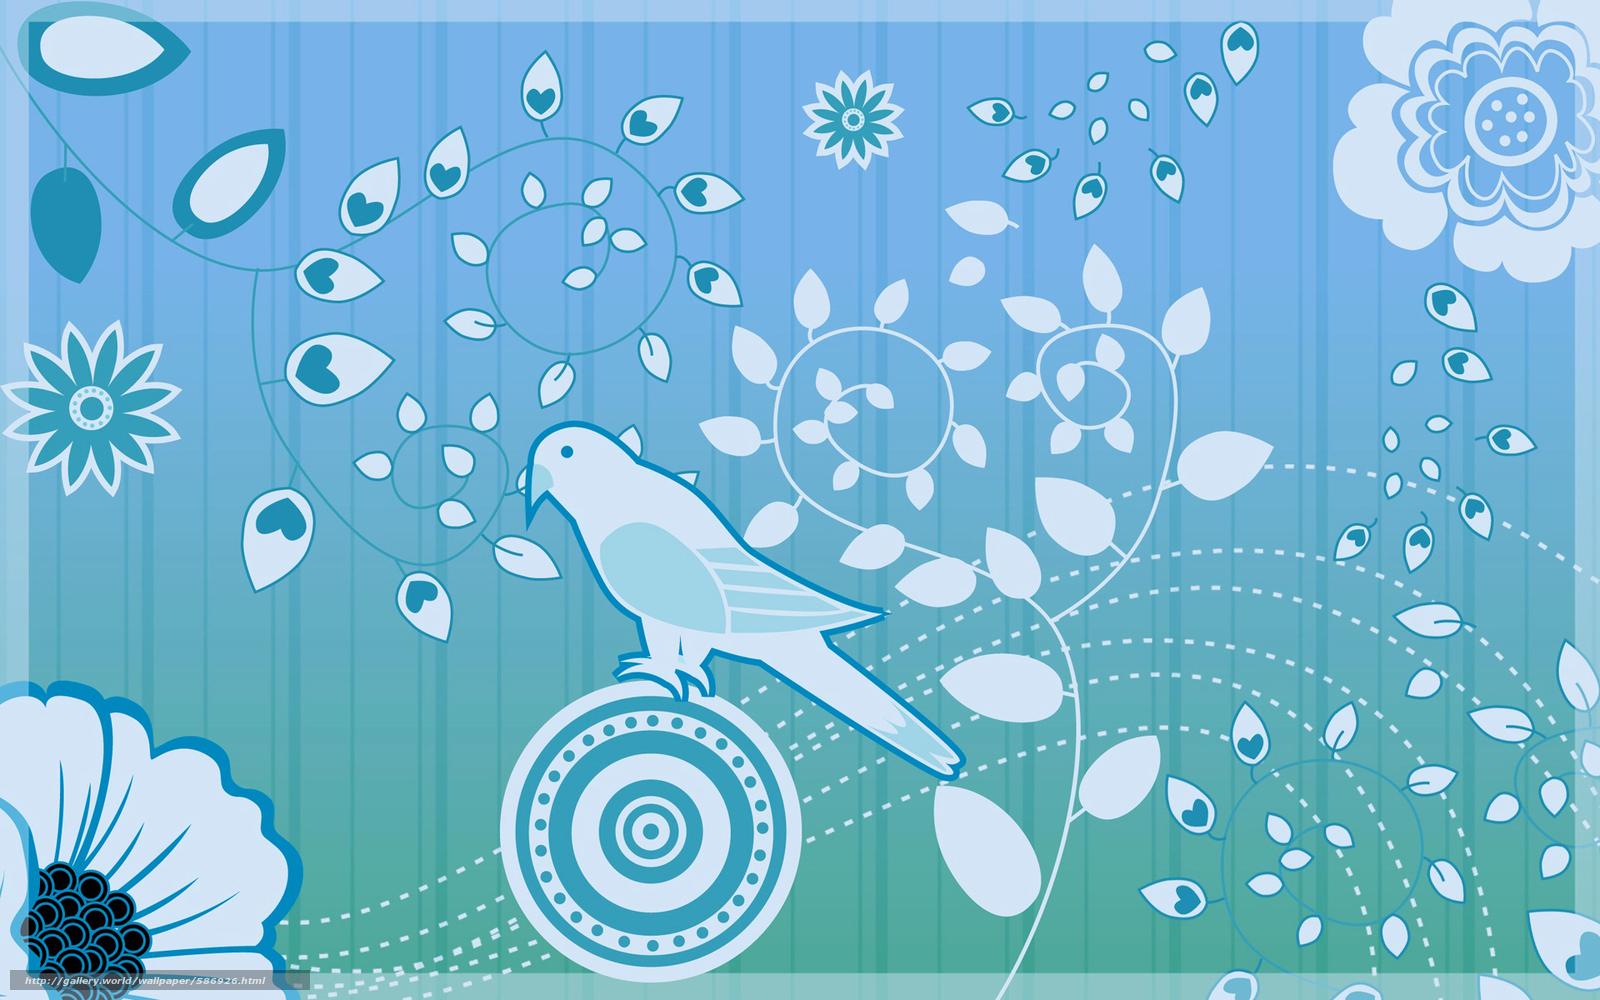 Tlcharger fond d 39 ecran papier peint dessin usine oiseau for Papier peint pour bureau gratuit